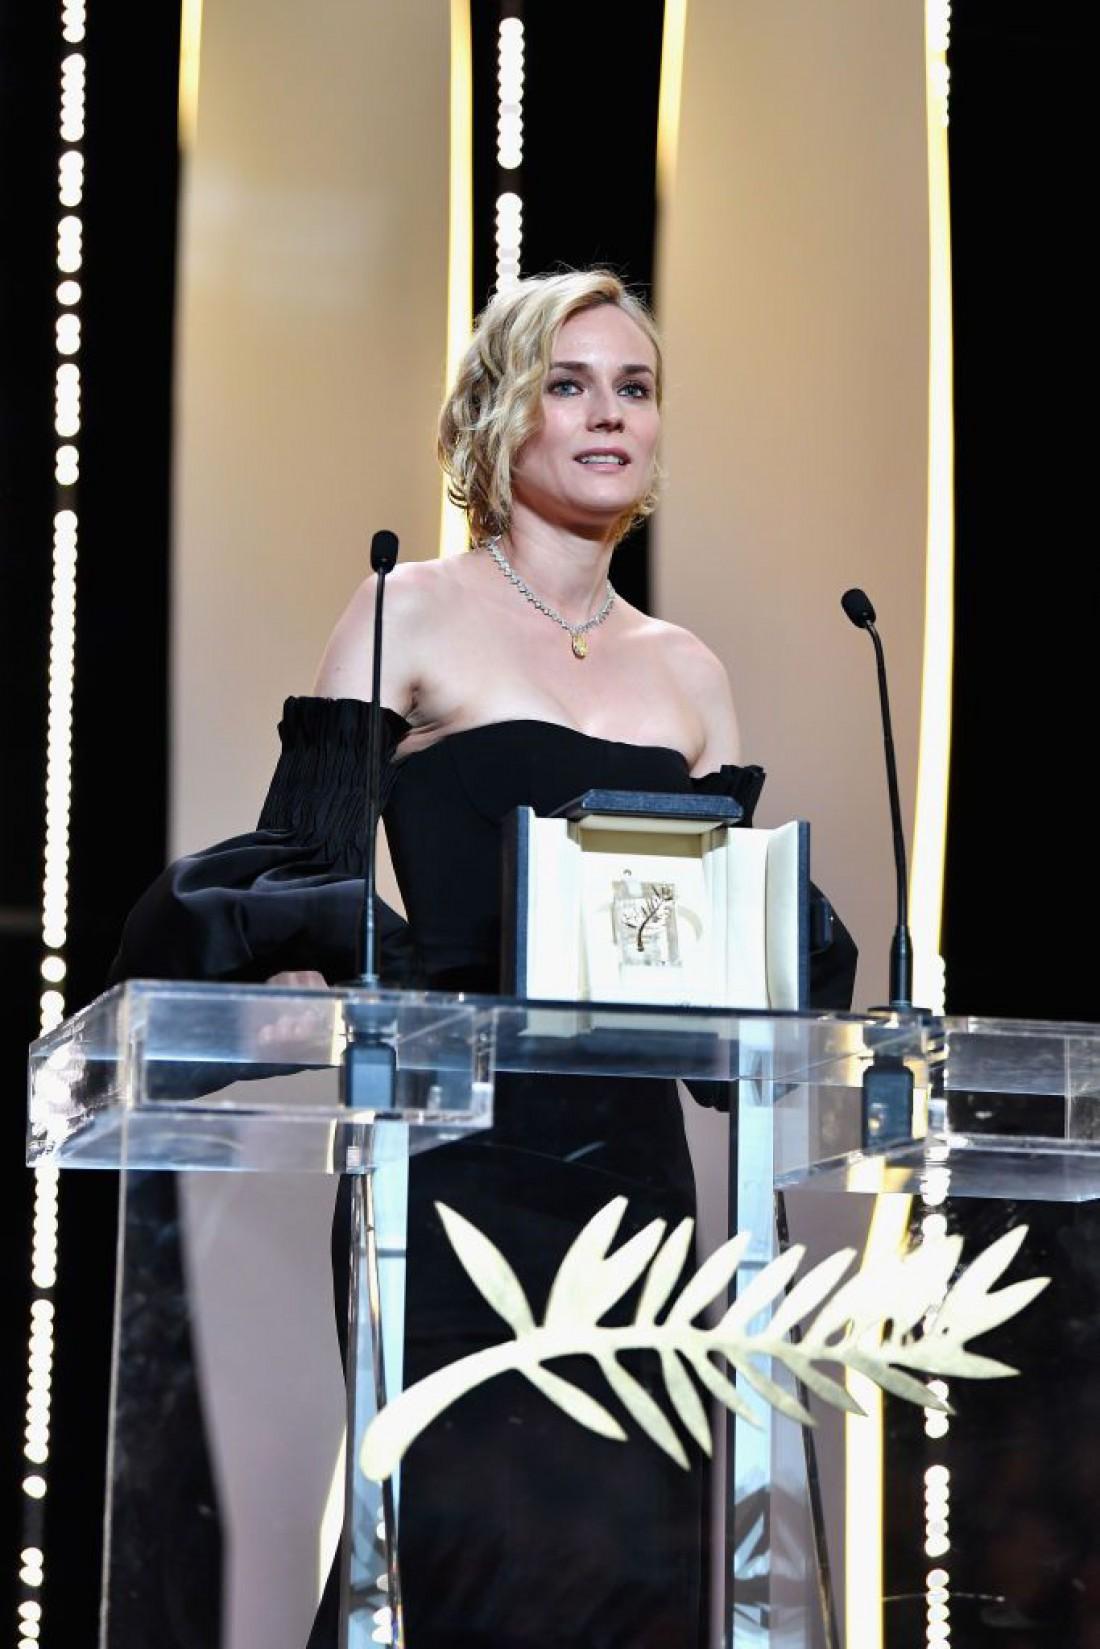 Каннский кинофестиваль 2017: Диана Крюгер